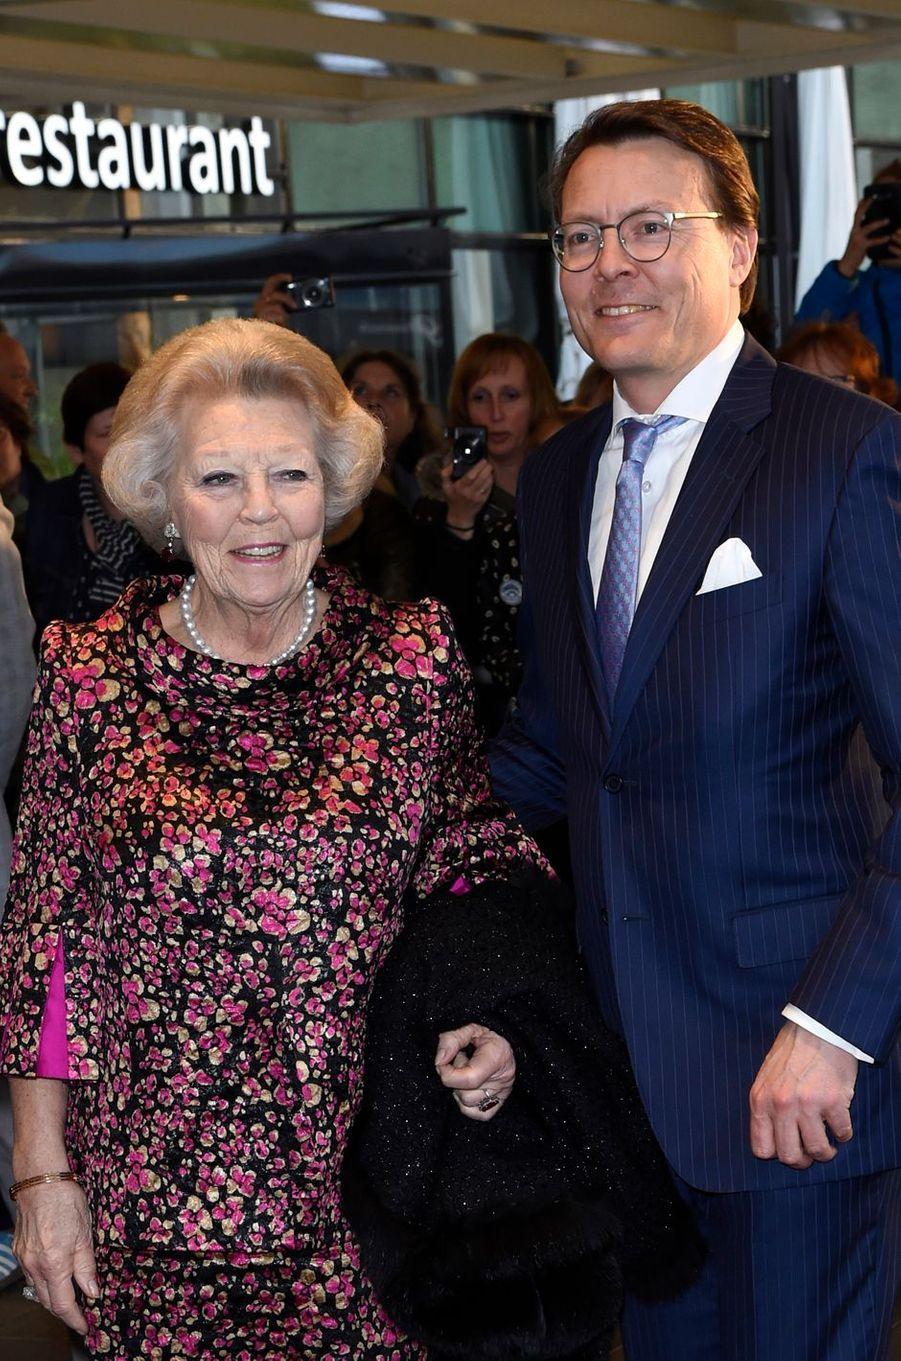 La princesse Beatrix et le prince Constantijn des Pays-Bas à Tilburg, le 3 avril 2017